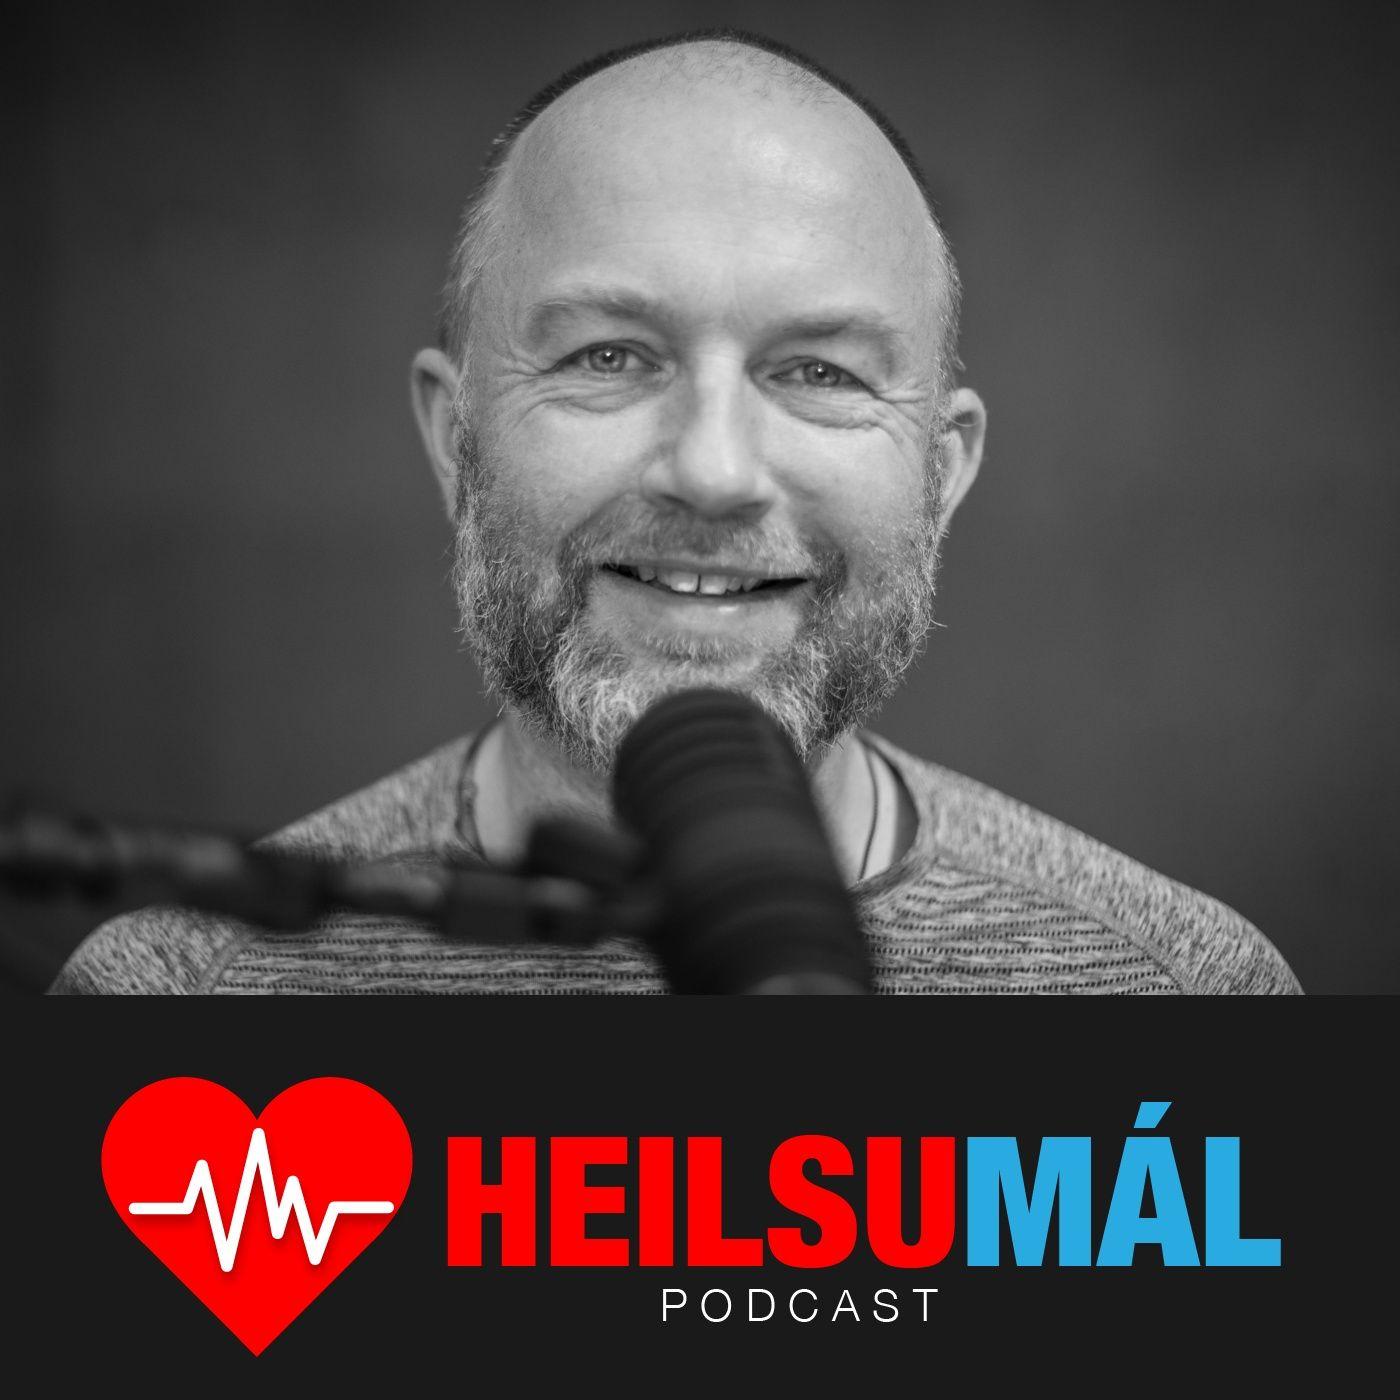 Heilsumál 10 - Hvað viltu geta gert og af hverju? Guðbjörn Gunnarsson